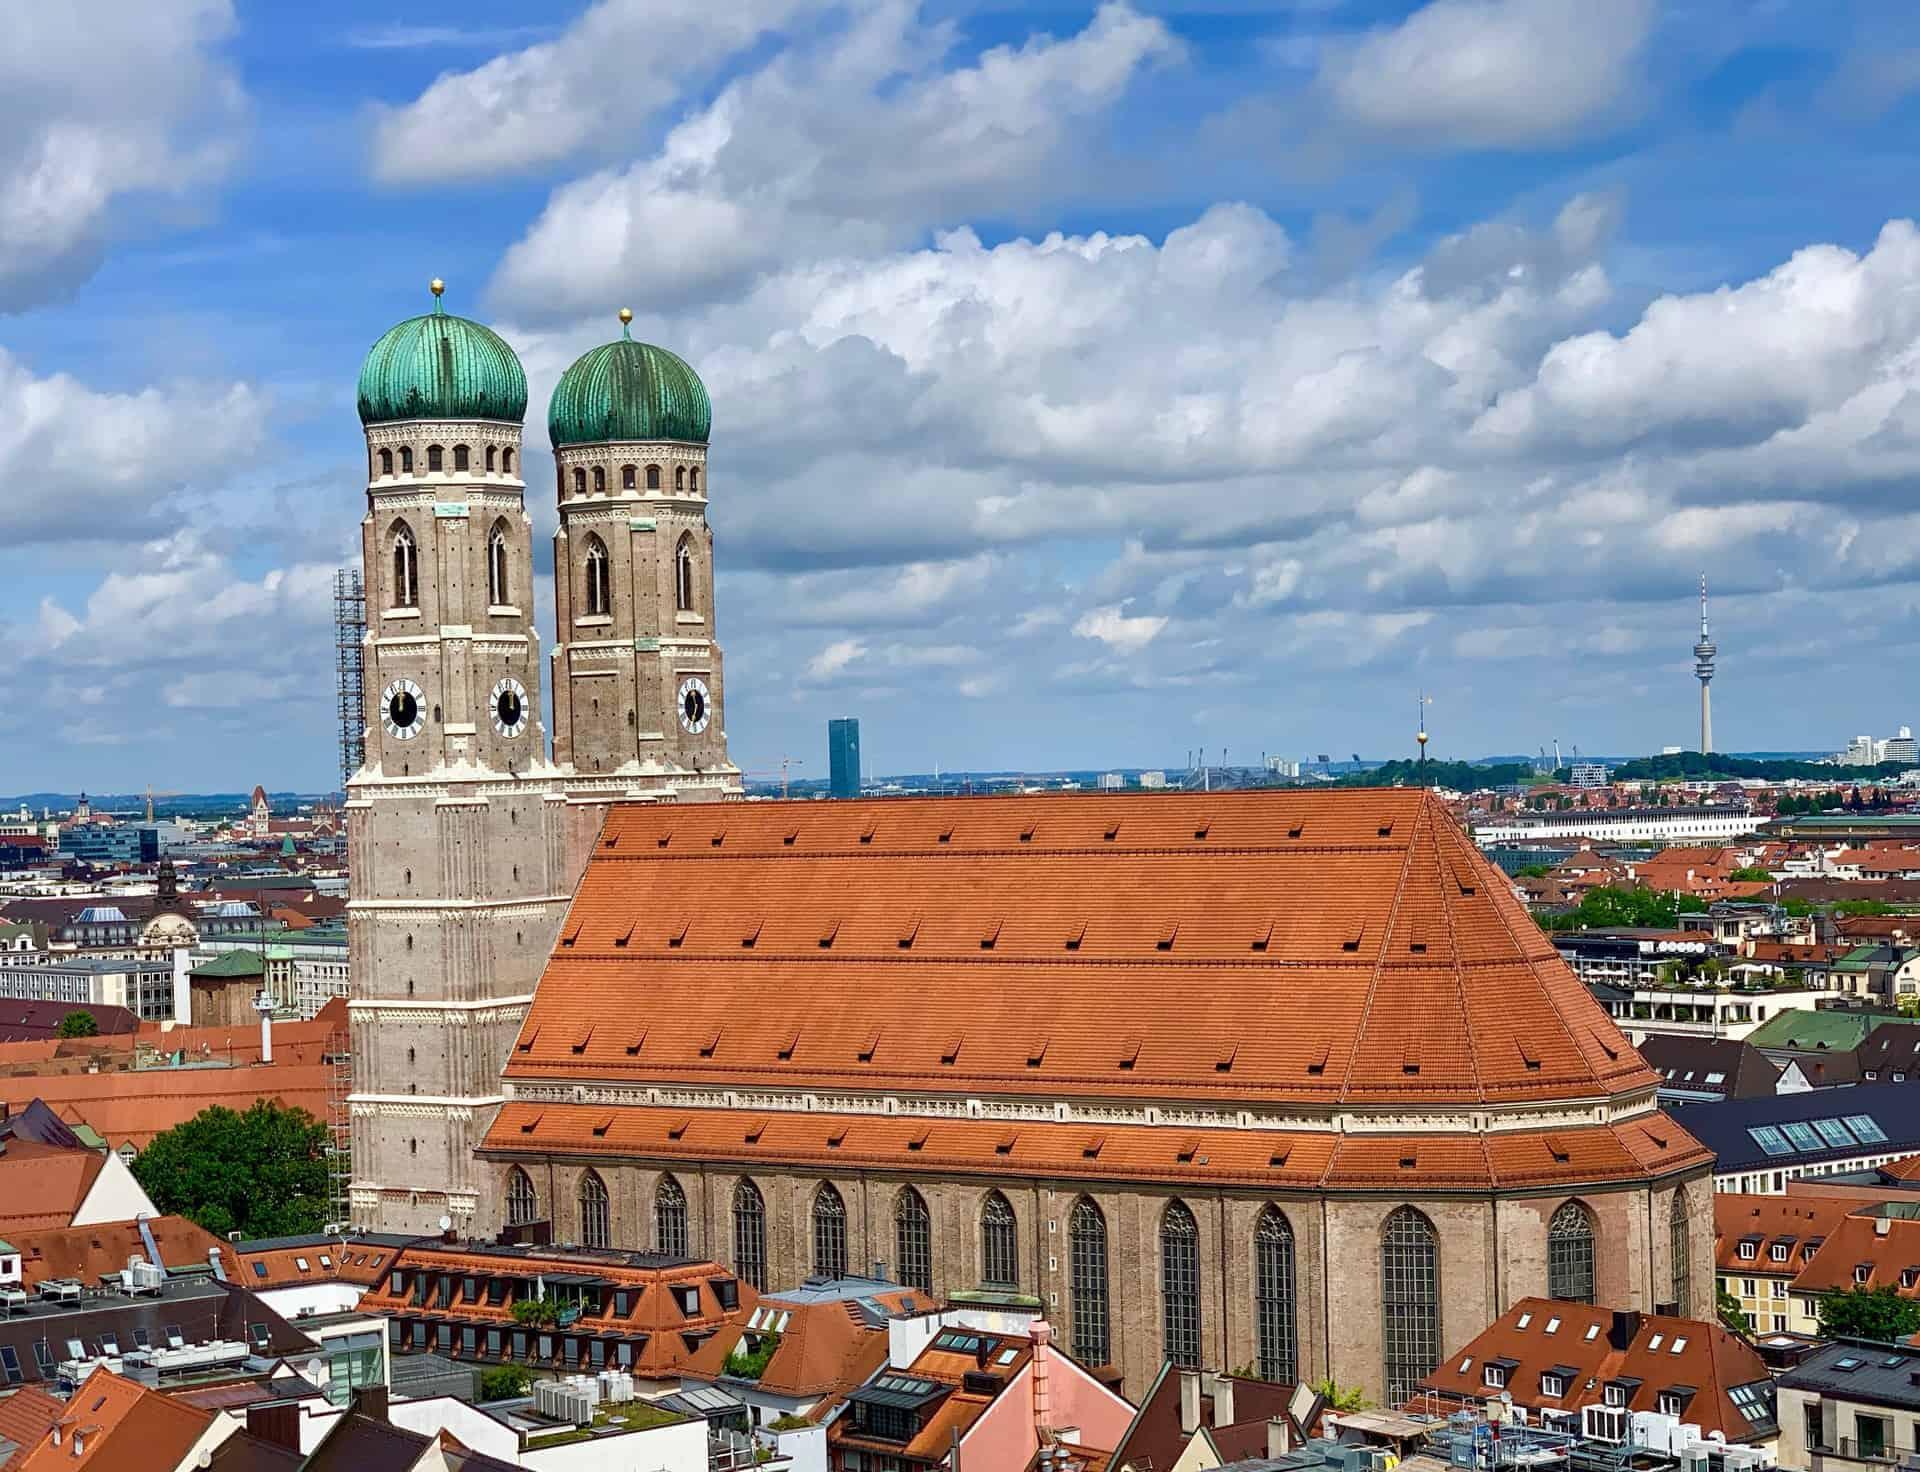 München_Frauenkirche_vom_Alten_Peter